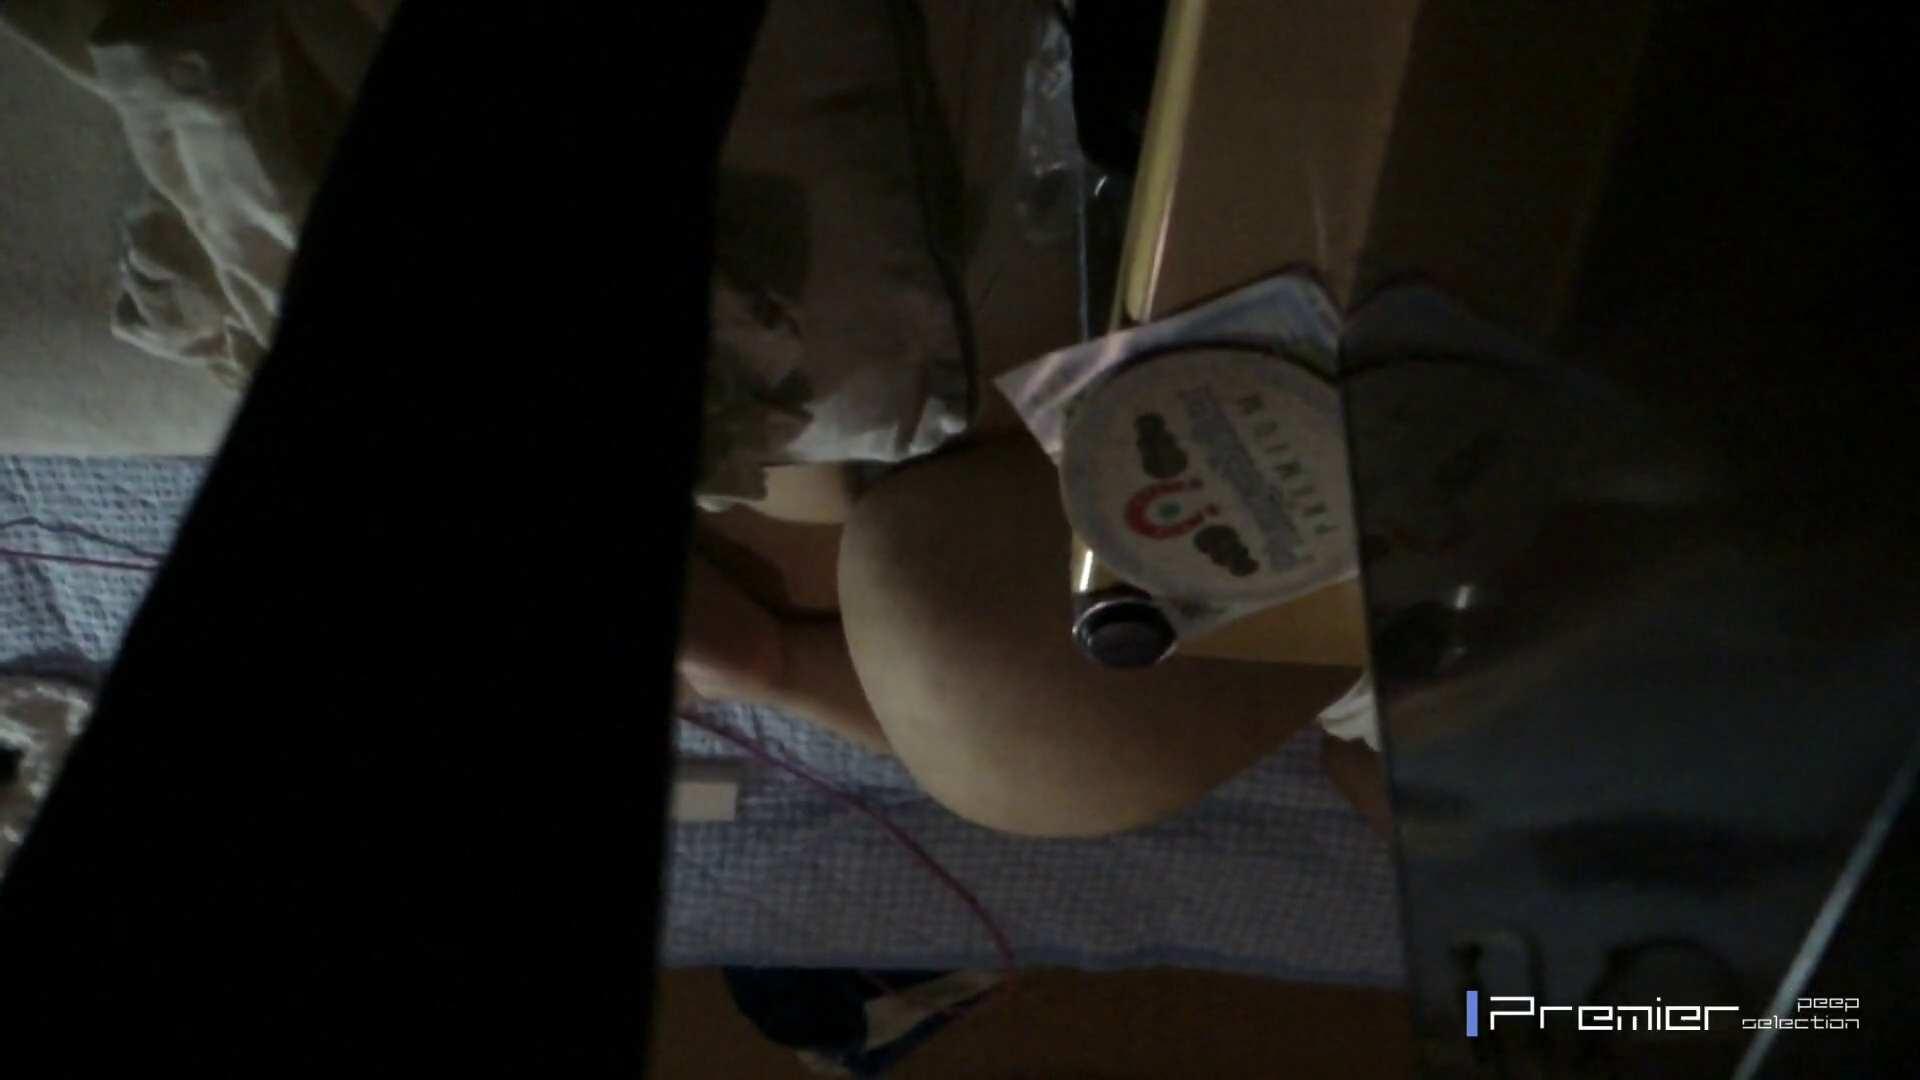 マニア必見!ポチャ達のカーニバル美女達の私生活に潜入! 高評価 濡れ場動画紹介 27画像 17